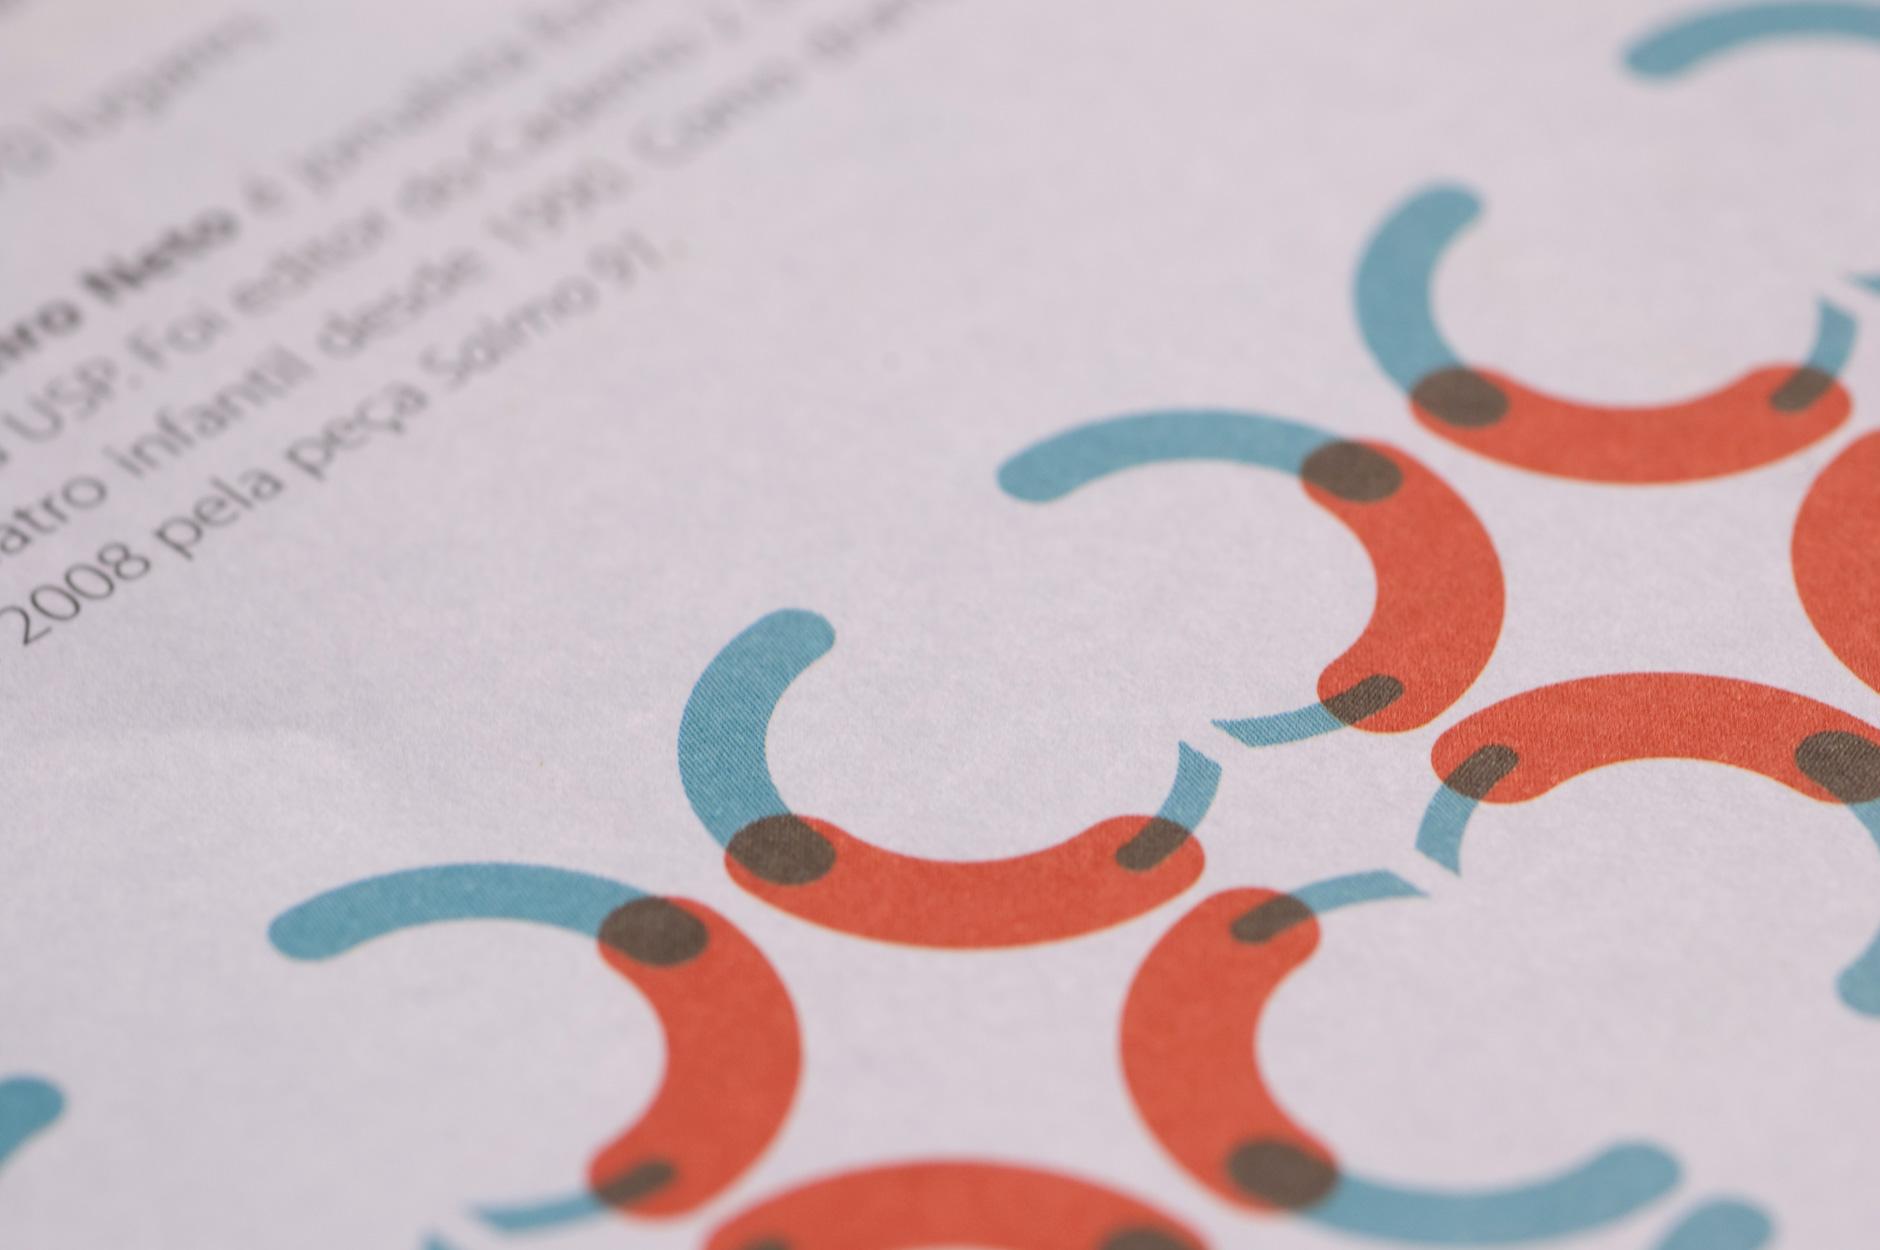 brochura | detalhe do miolo